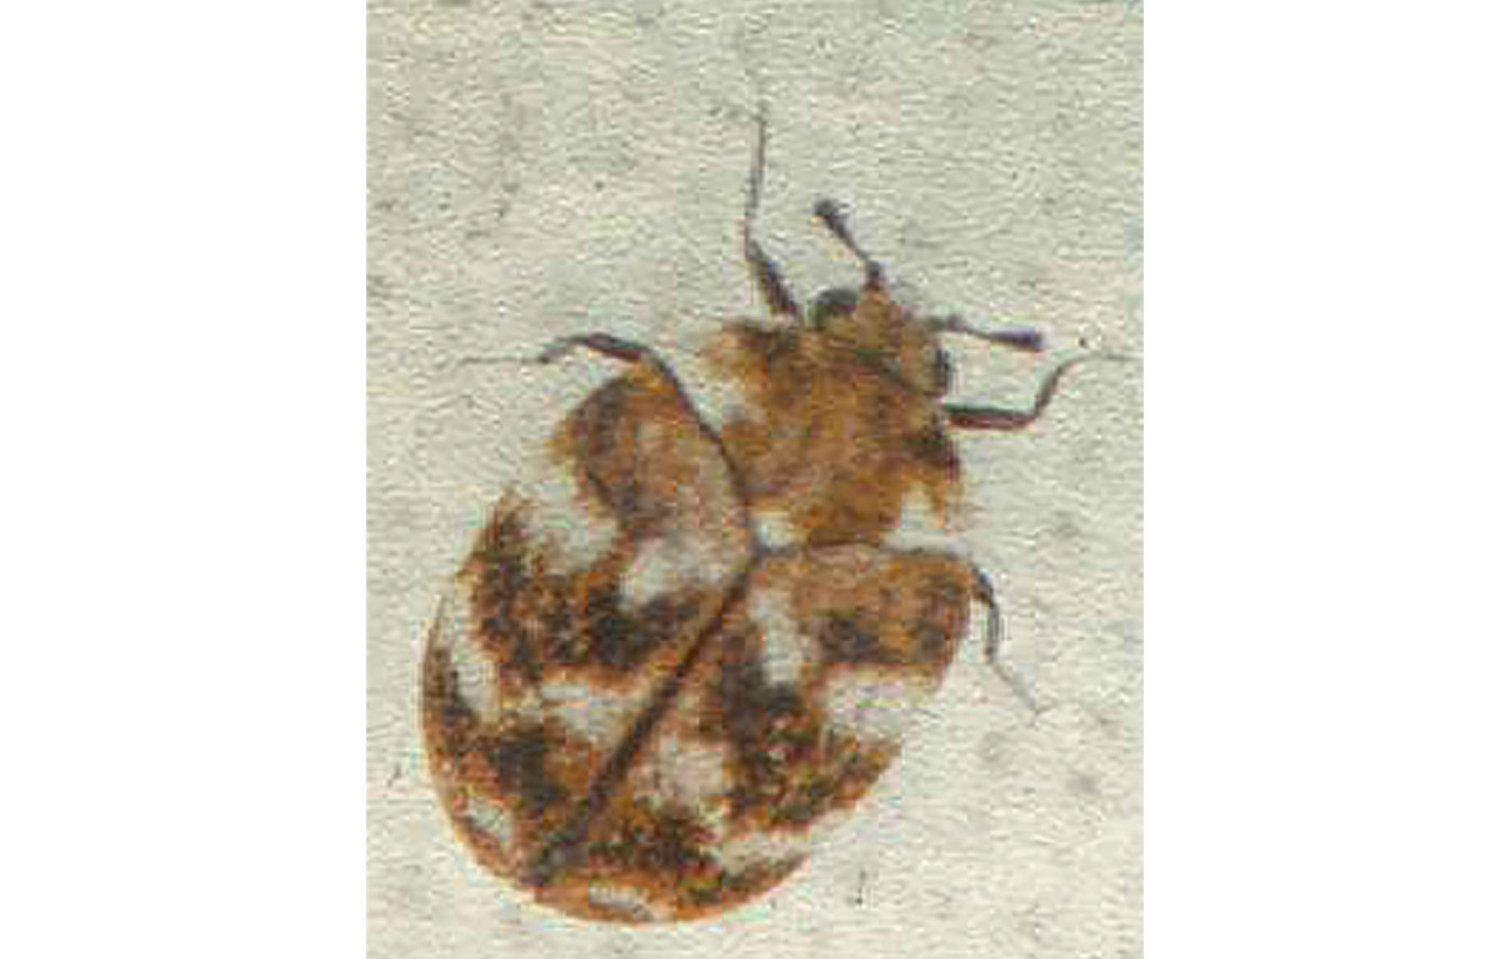 små biller i hjemmet